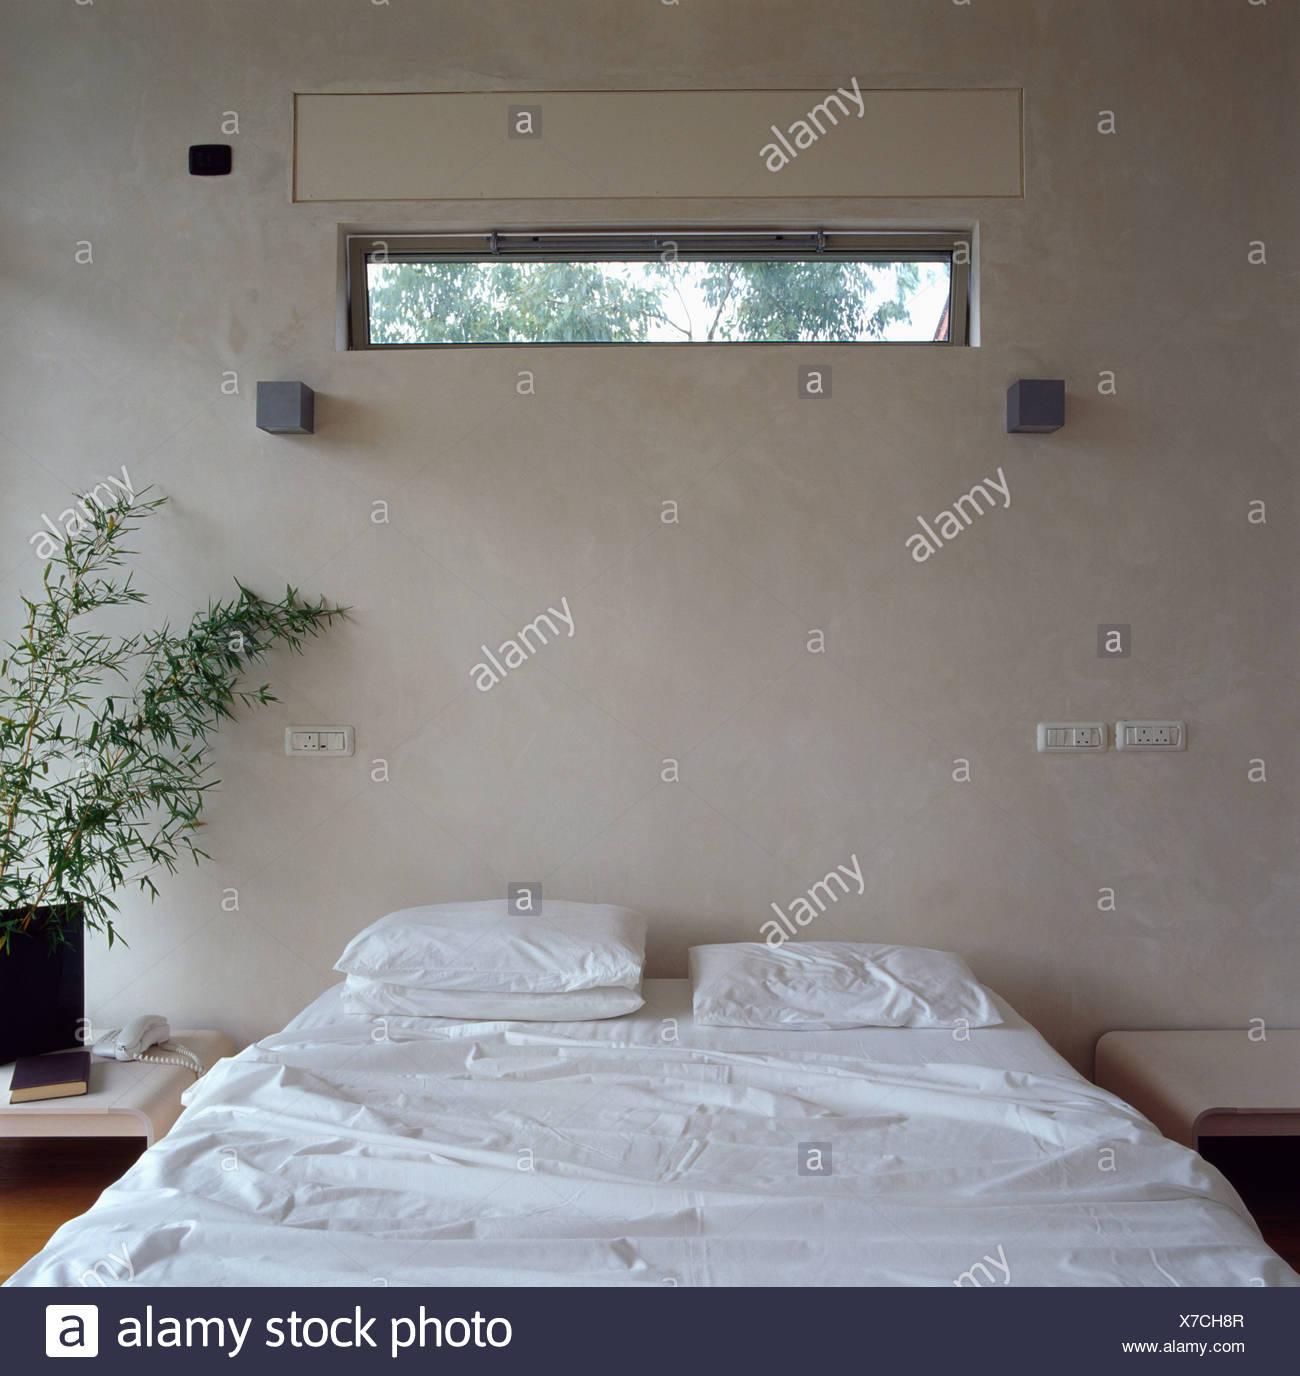 Schmale fenster ber bett mit wei en bettw sche in modernen wei e schlafzimmer stockfoto bild - Schlafzimmer bild uber bett ...